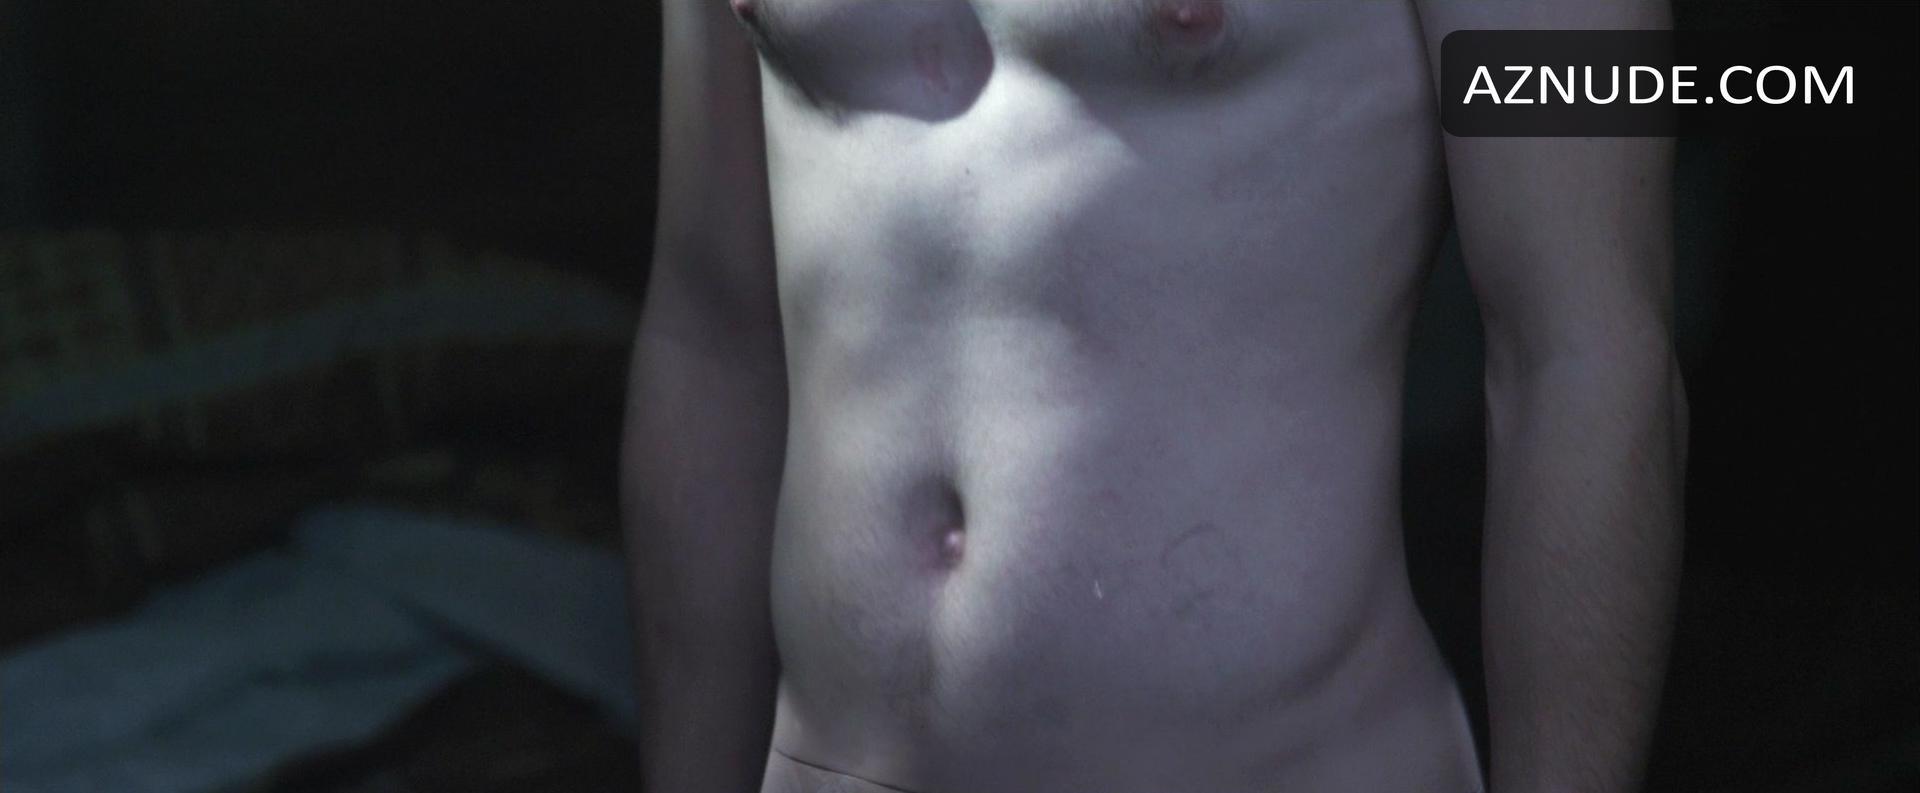 Elijah wood naked